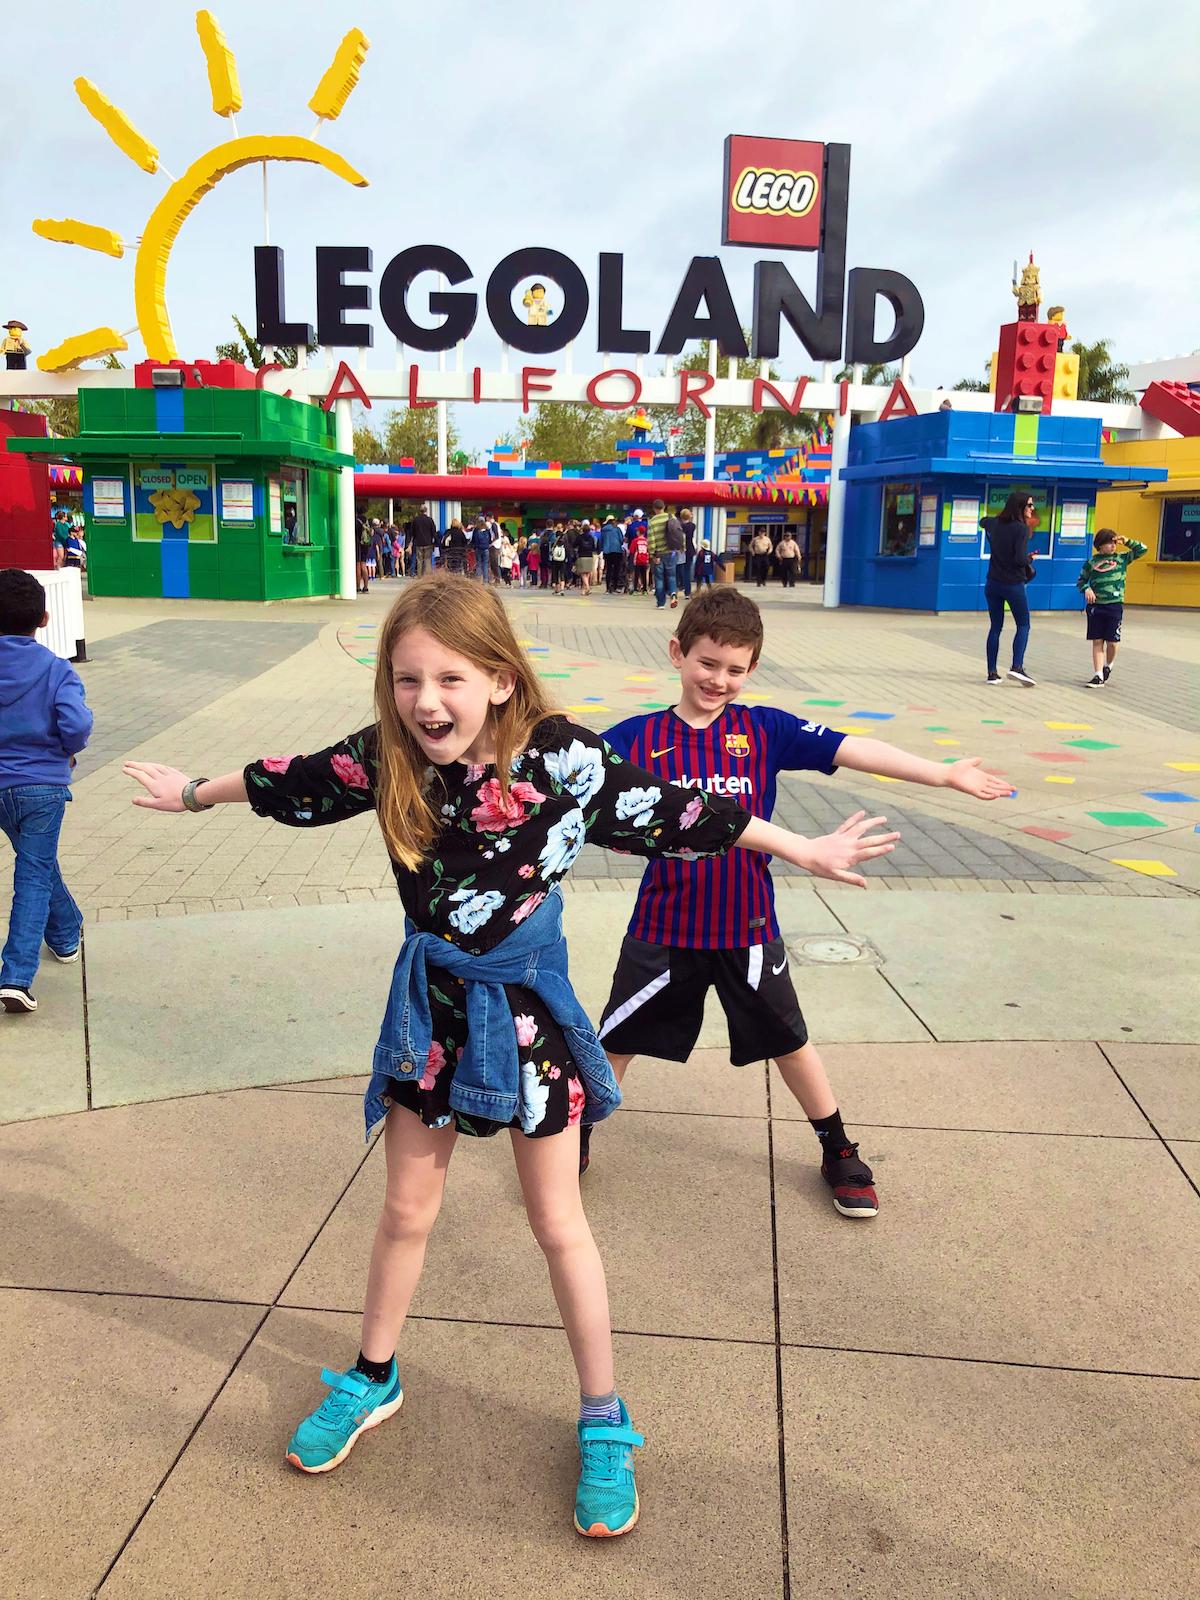 Legoland-entrance